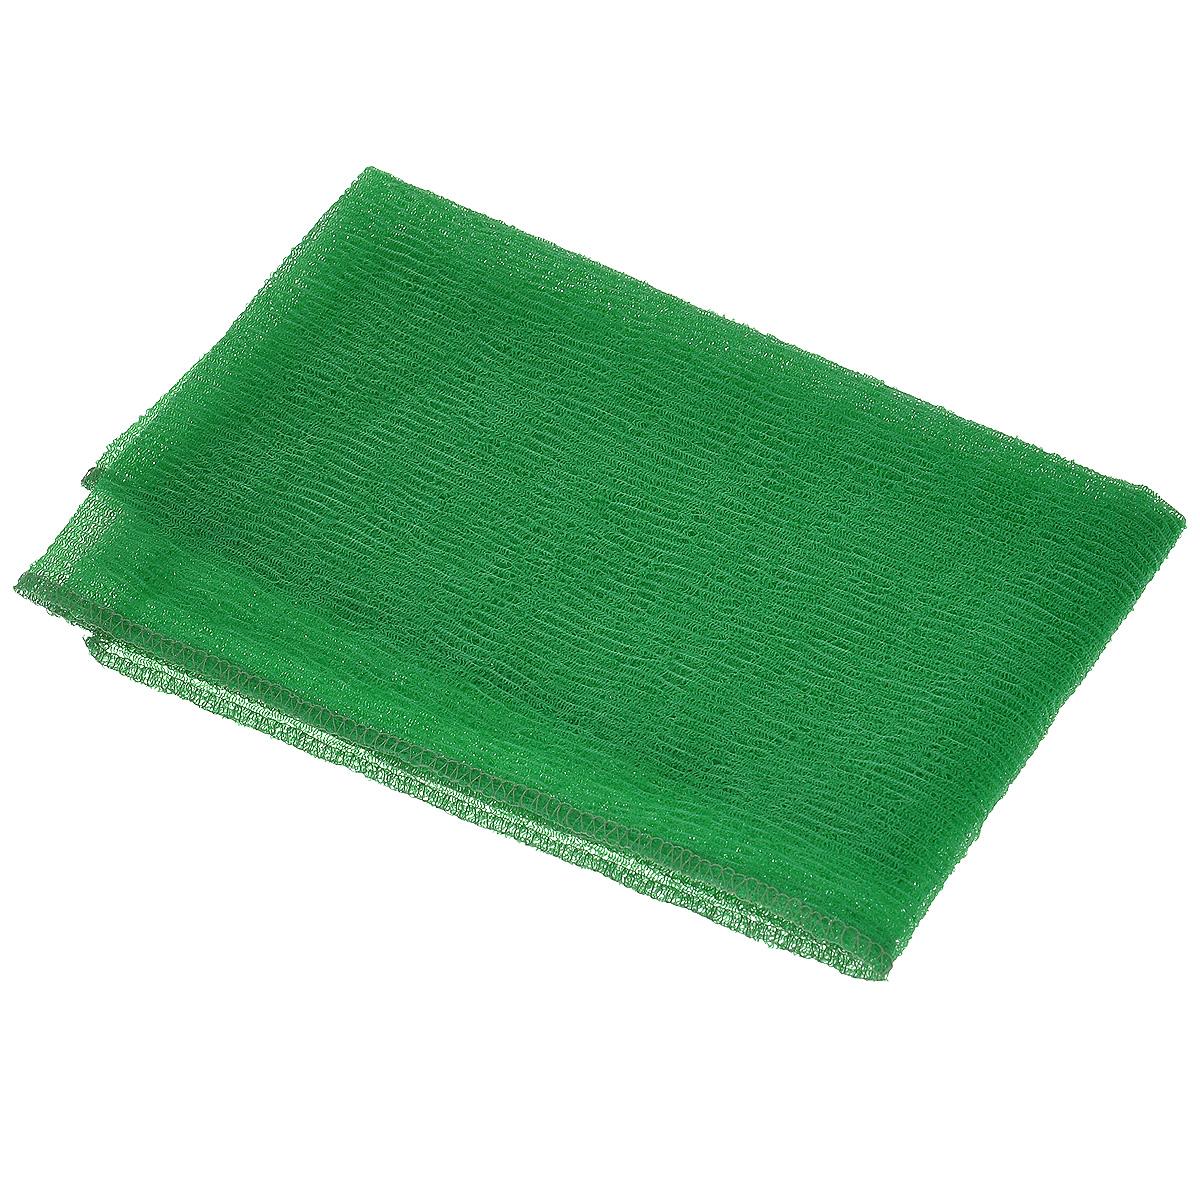 Мочалка-полотенце массажная Eva, цвет: зеленый, 90 см х 30 смМ341_зеленыйМочалка-полотенце массажная Eva, изготовленная из скраб-нейлона (многоволокнистой нейлоновой нити с объемным плетением), обладает высоким массажным эффектом. Мочалка с самым высоким уровнем жесткости обладает эффектом скраба, кожа становится чистой, упругой и свежей. Идеальна для профилактики и борьбы с целлюлитом.